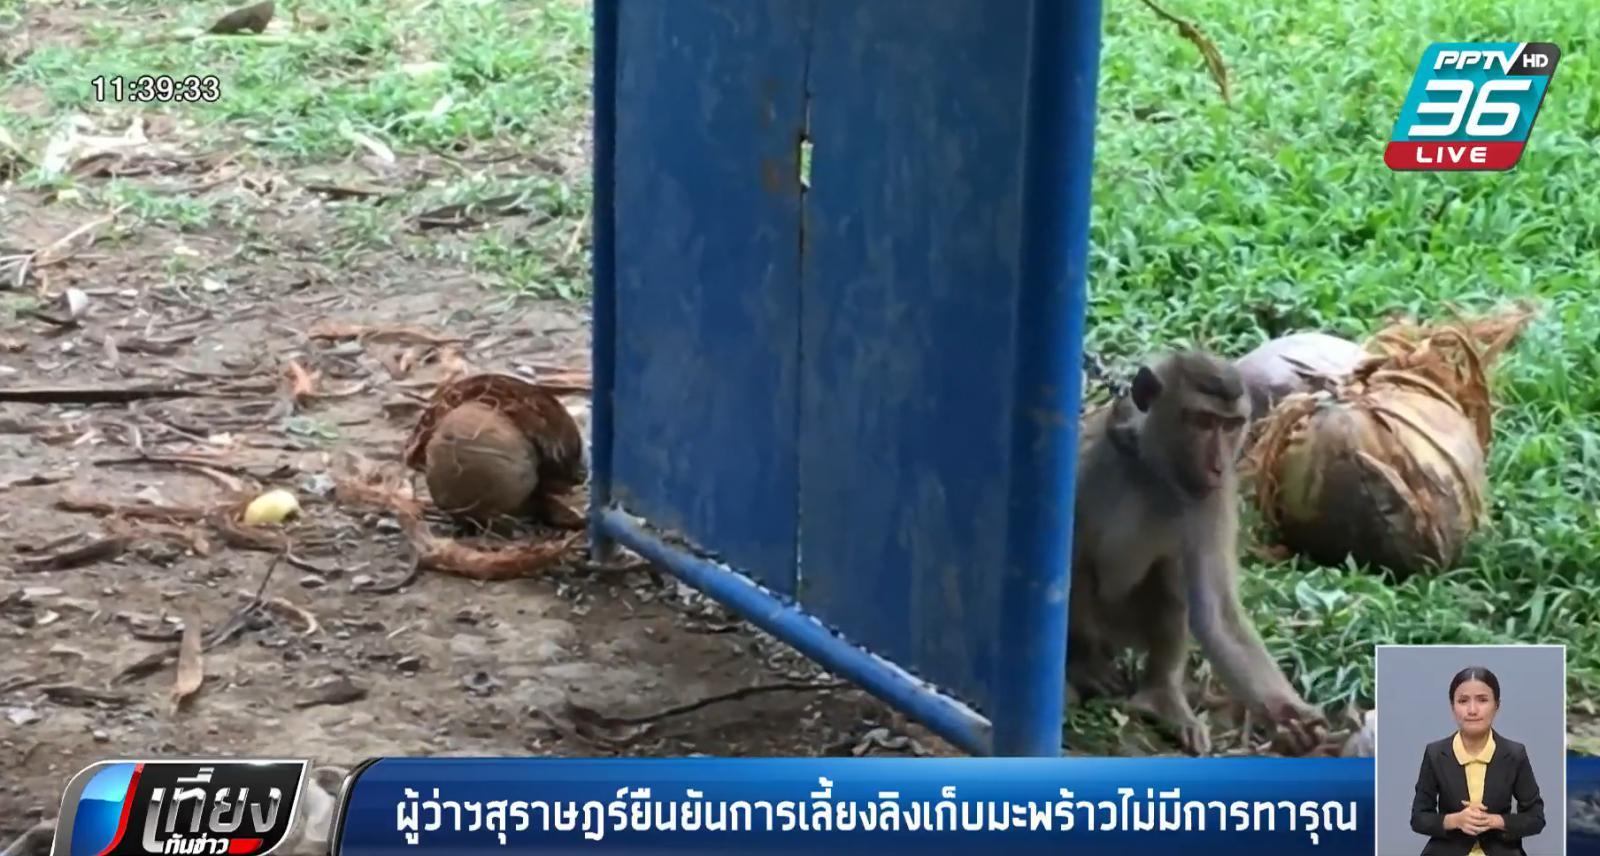 ผู้ว่าฯสุราษฎร์ ยืนยันการเลี้ยงลิงเก็บมะพร้าวไม่มีการทารุณ